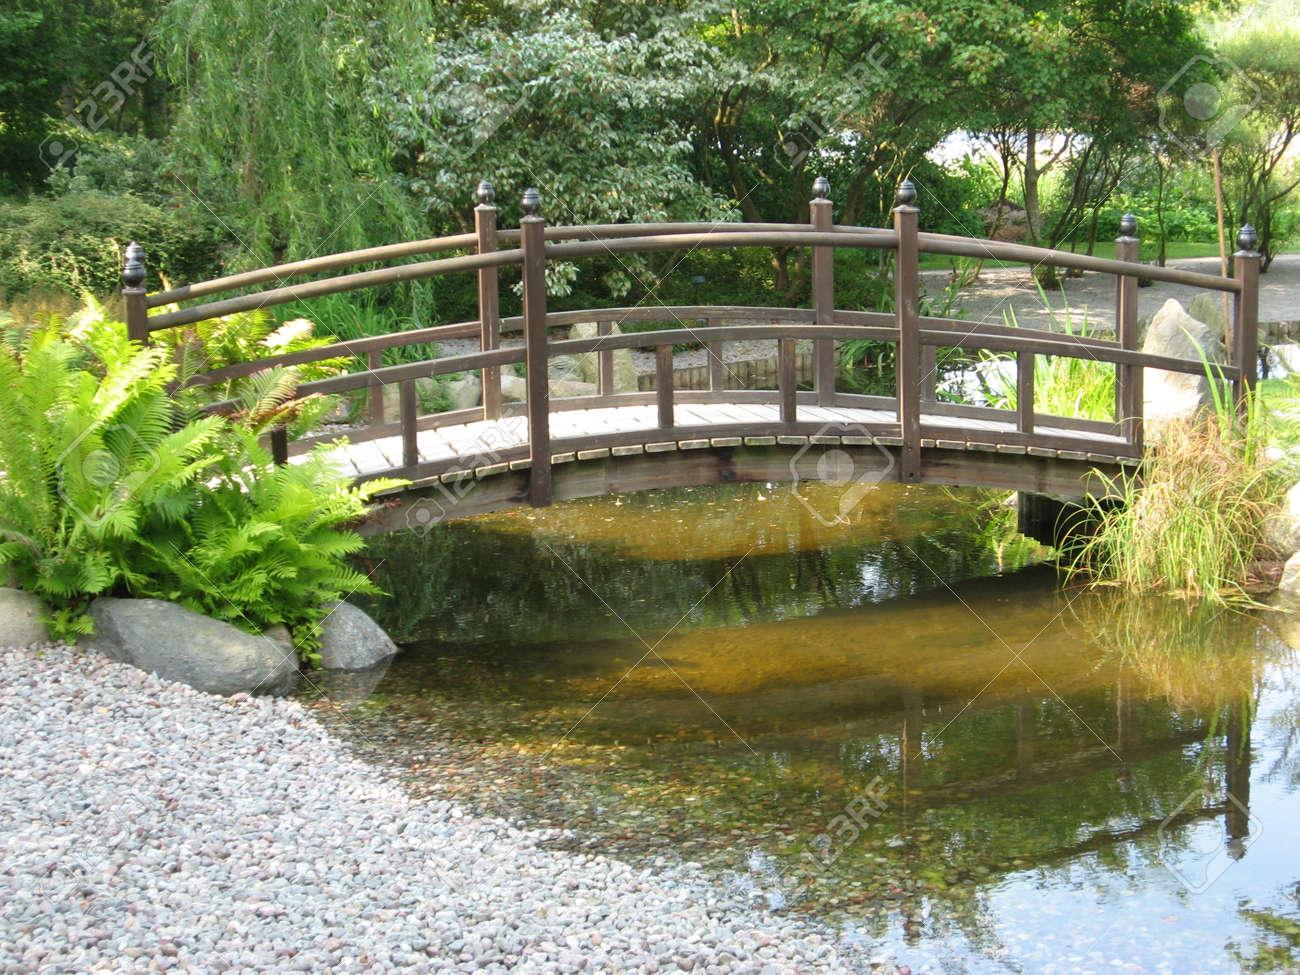 Japanischer Garten Mit Kleiner Brücke Lizenzfreie Fotos, Bilder Und ...